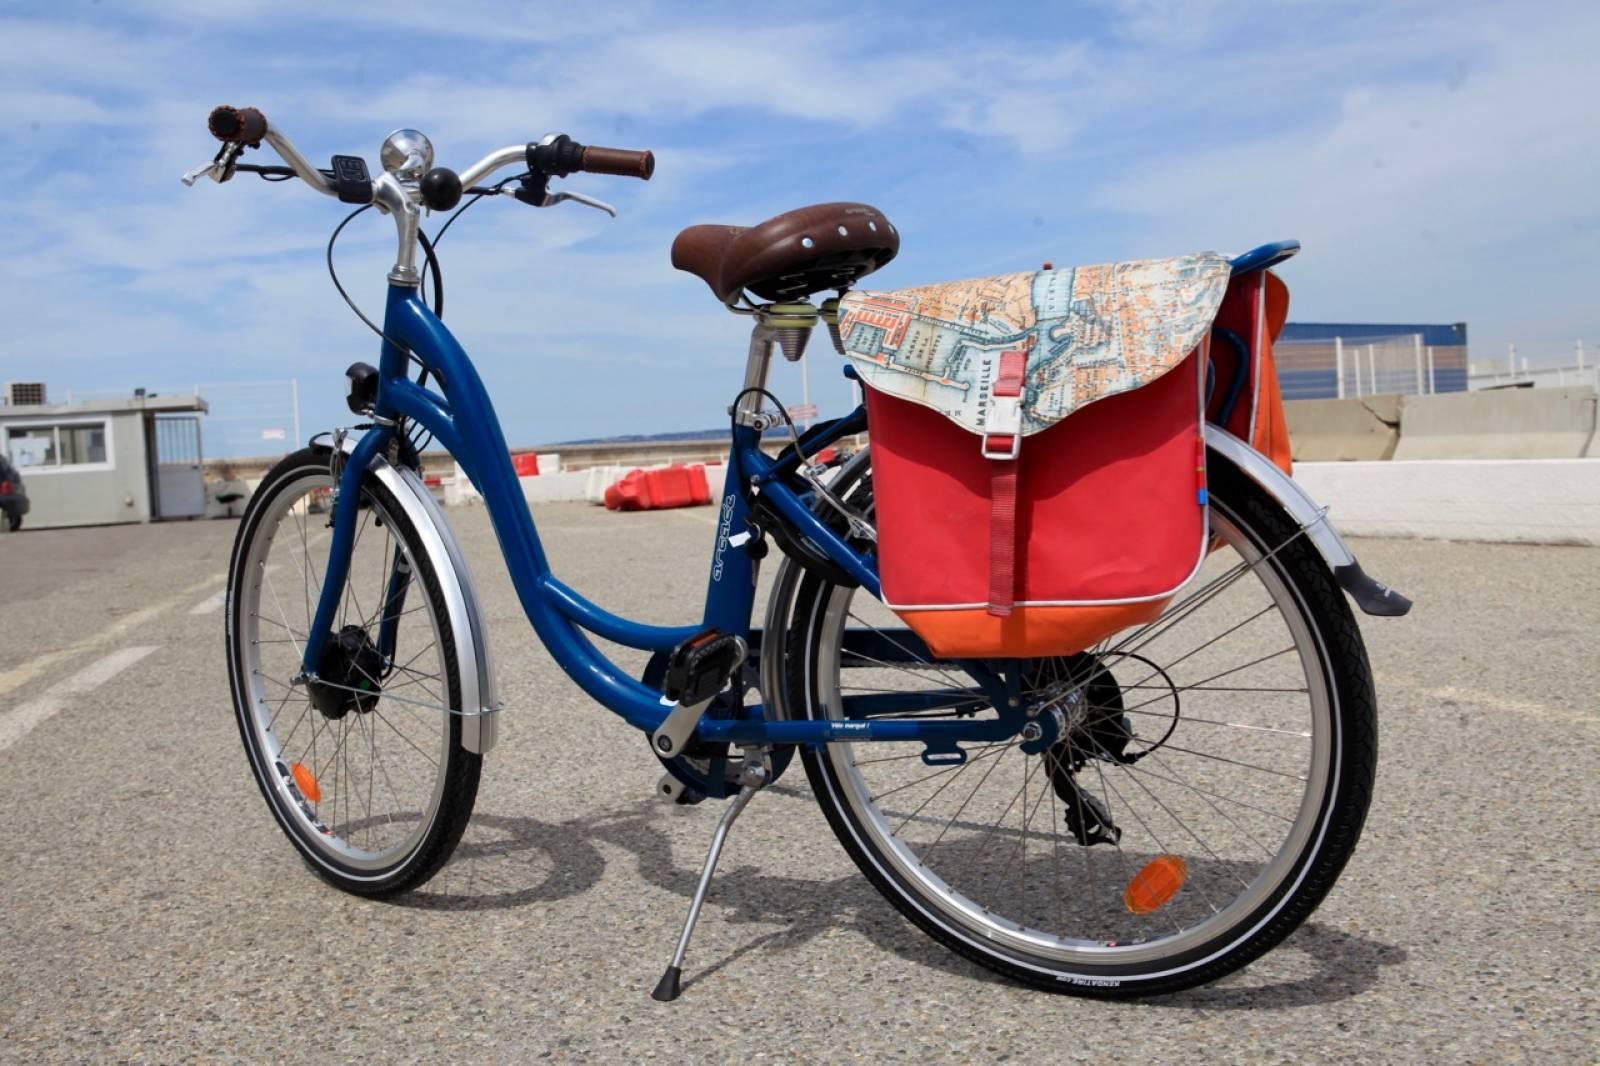 visite touristique en v lo lectrique marseille e bike tours consigne bagages pour. Black Bedroom Furniture Sets. Home Design Ideas